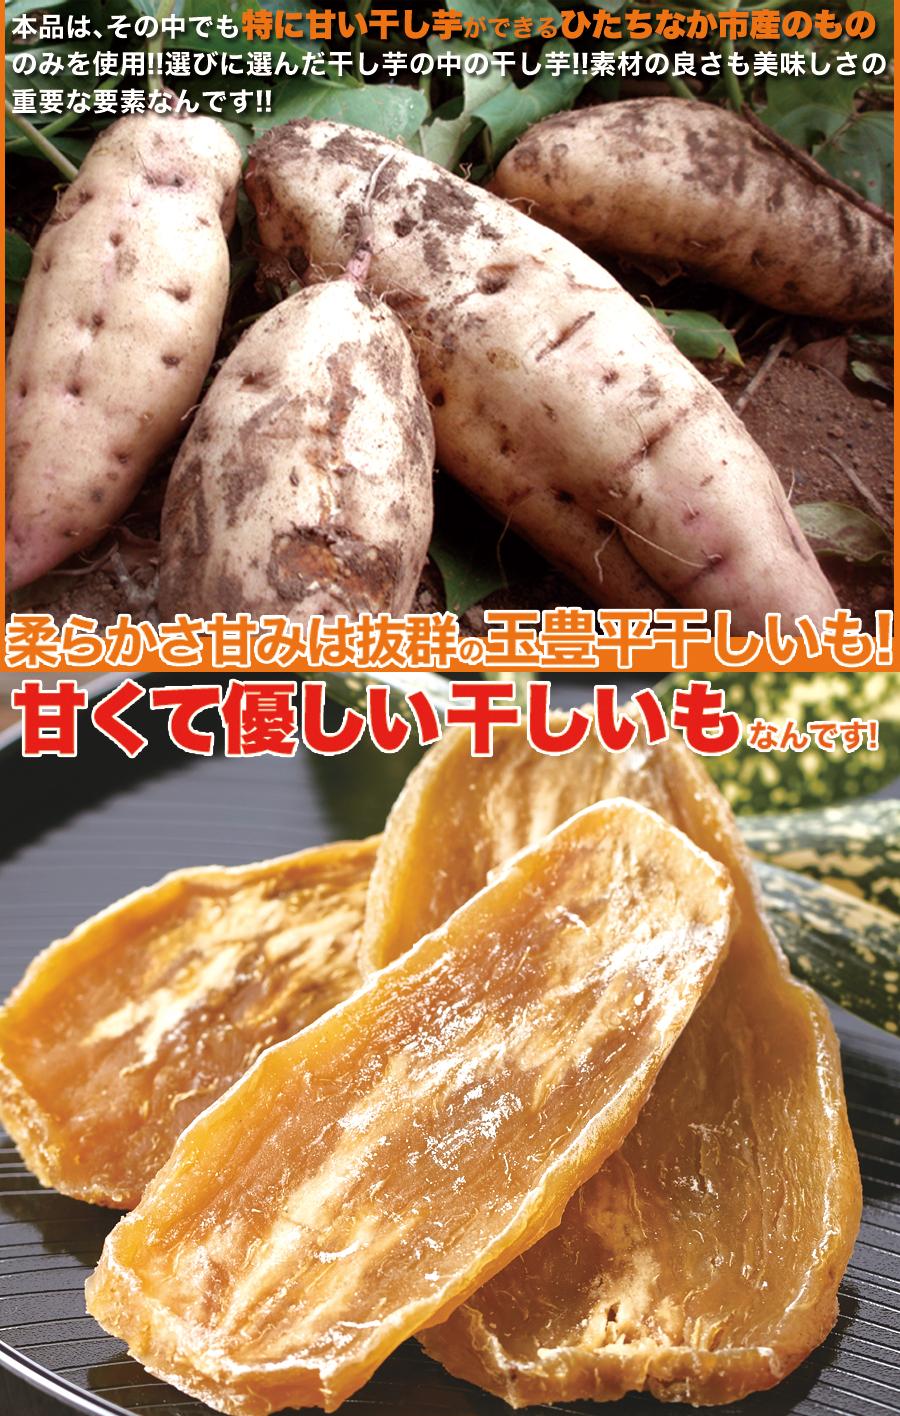 ■農家の皆さんが丹精込めて作る美味しさいっぱいのさつまいも! 本品は、その中でも特に甘い干し芋ができるひたちなか市産のもの のみを使用!!選びに選んだ干し芋の中の干し芋!!素材の良さも美味しさの重要な 要素なんです!! 柔らかさ甘みは抜群の玉豊平干し芋!甘くて優しい干し芋なんです! これなら美味しくない訳がない! 農家のみなさんが愛情込めて作りました!!